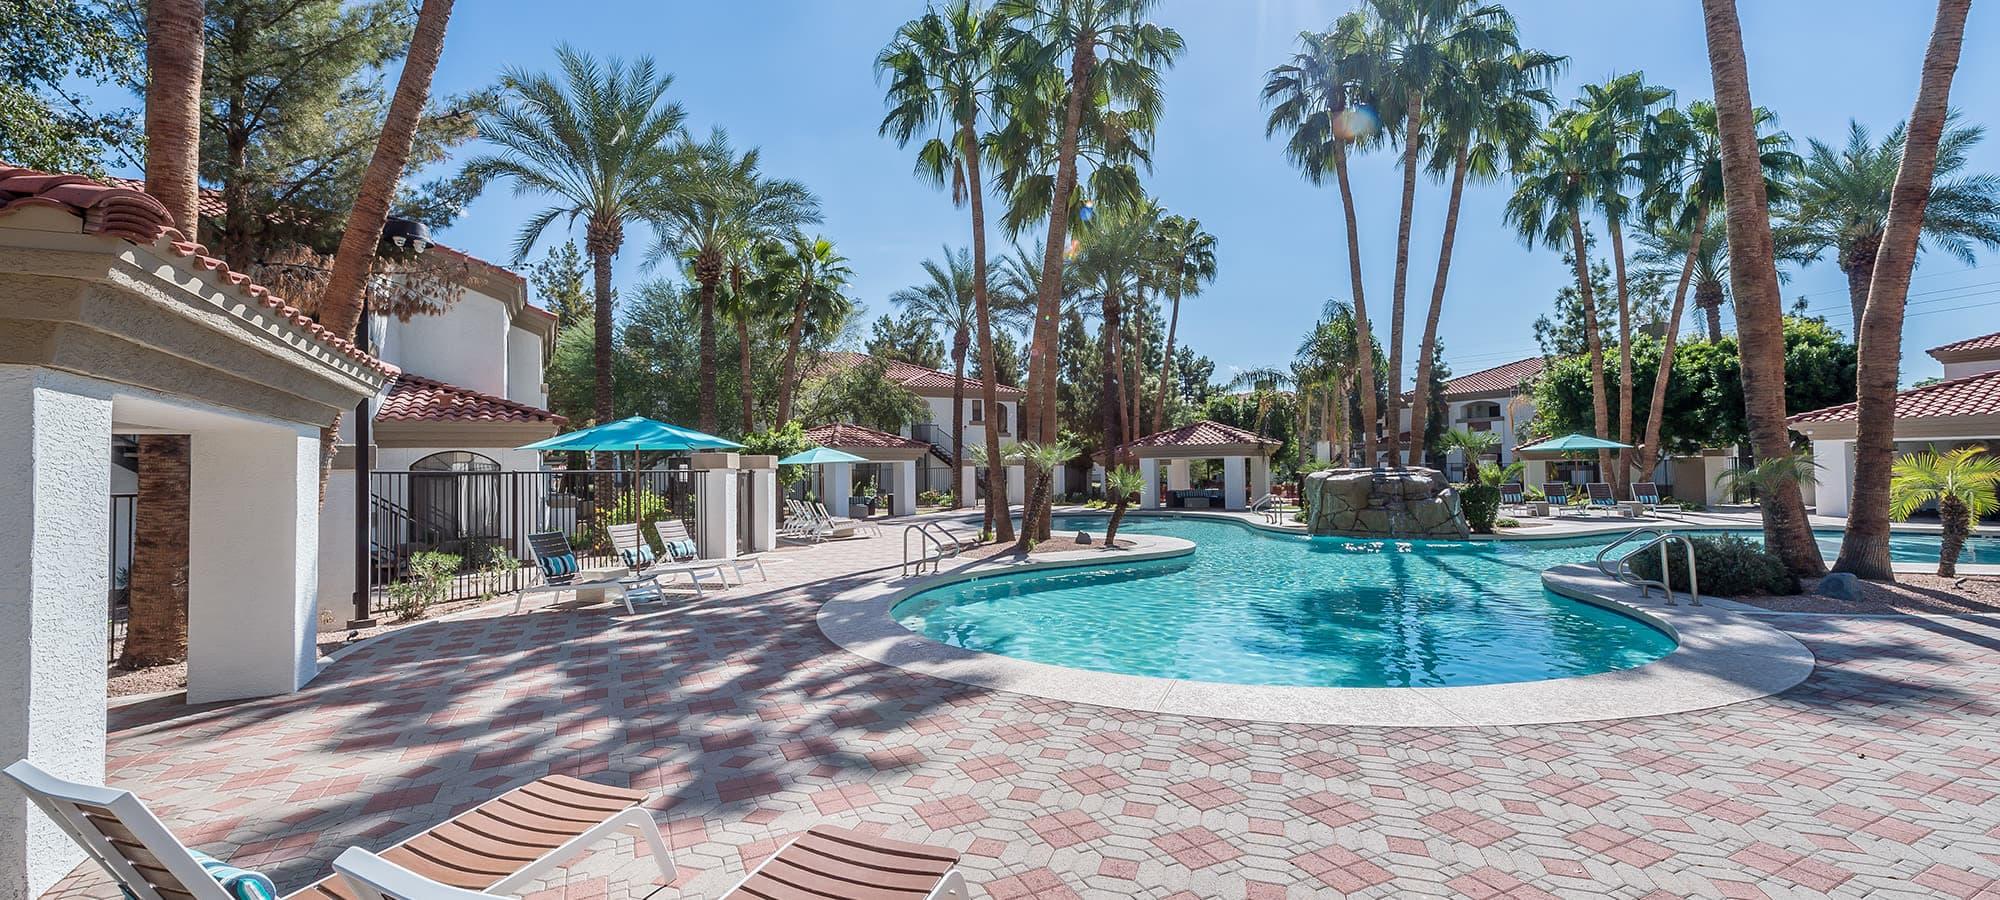 Luxury swimming pool at San Palmas in Chandler, Arizona